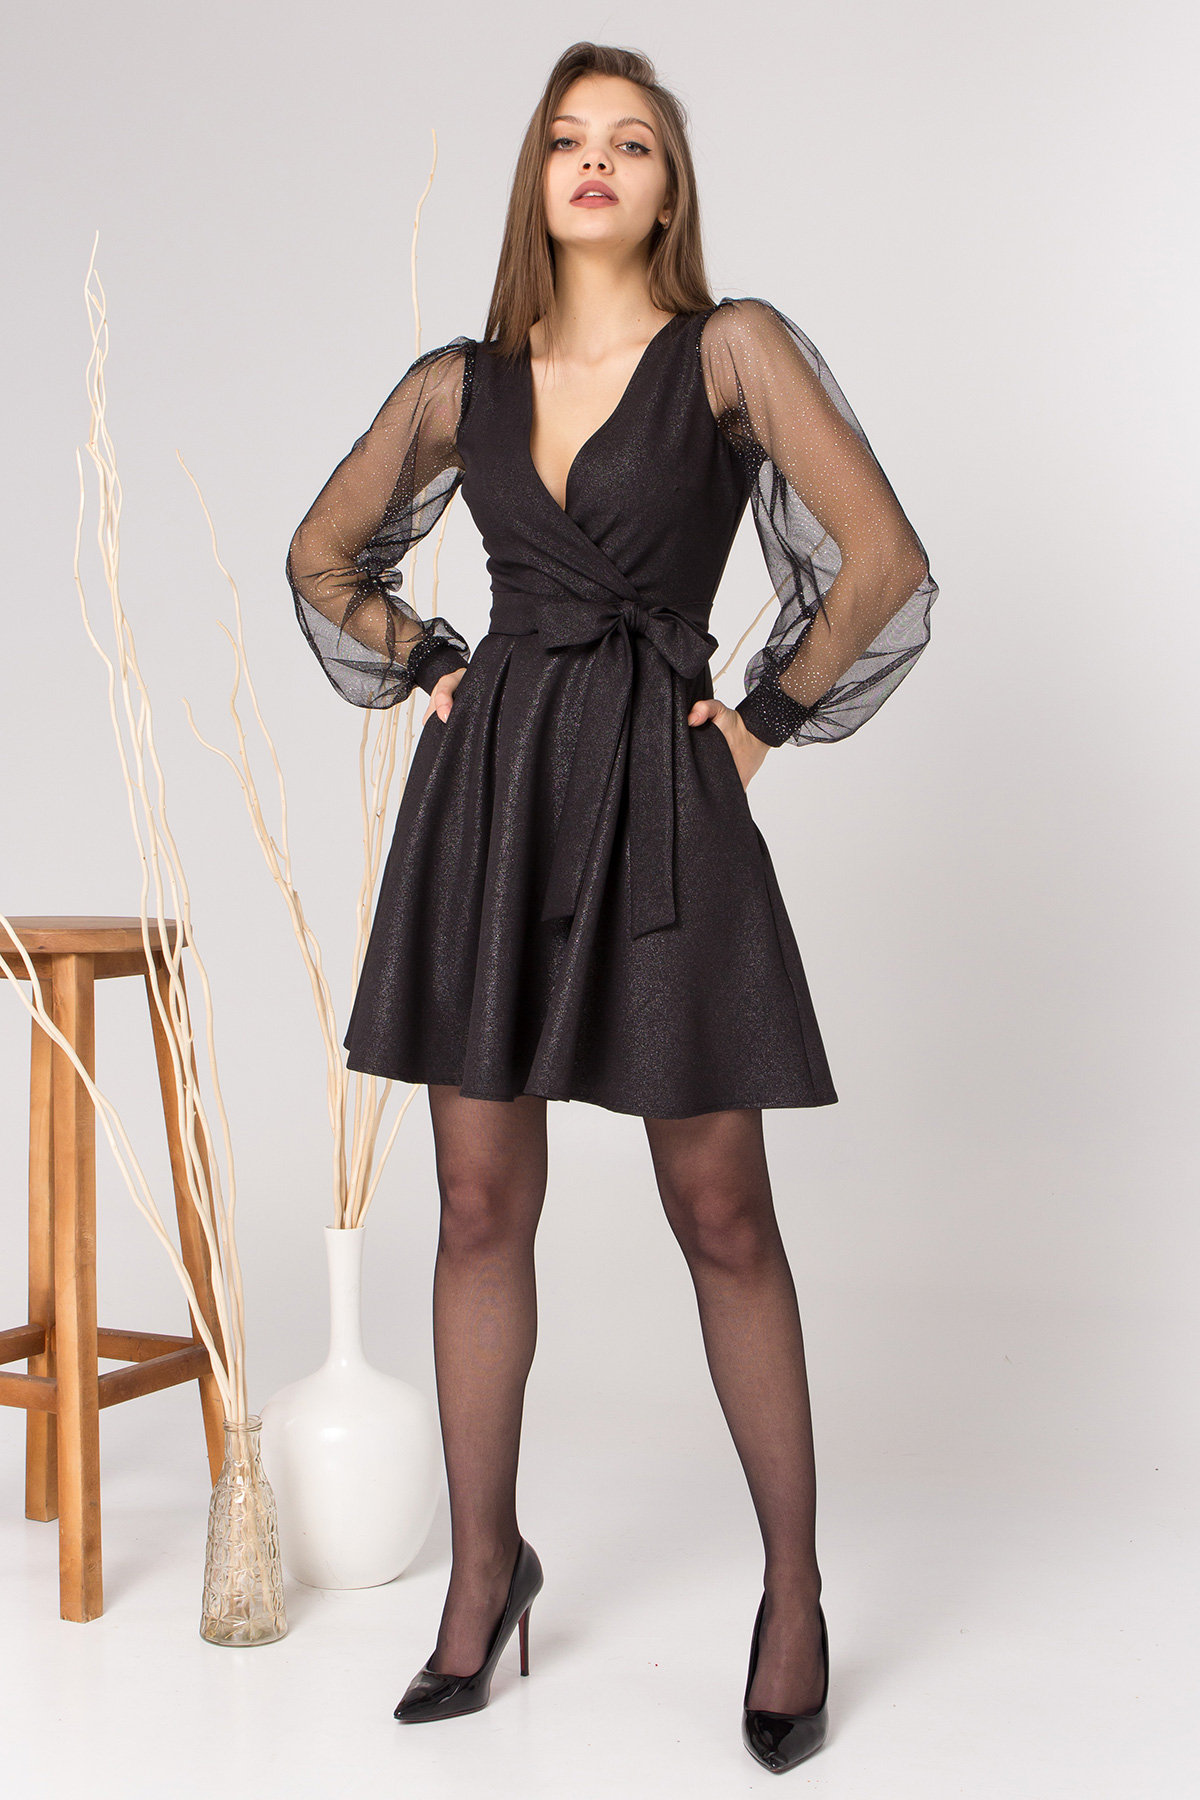 Коктейльное платье Джелла 8873 АРТ. 45202 Цвет: Черный - фото 2, интернет магазин tm-modus.ru